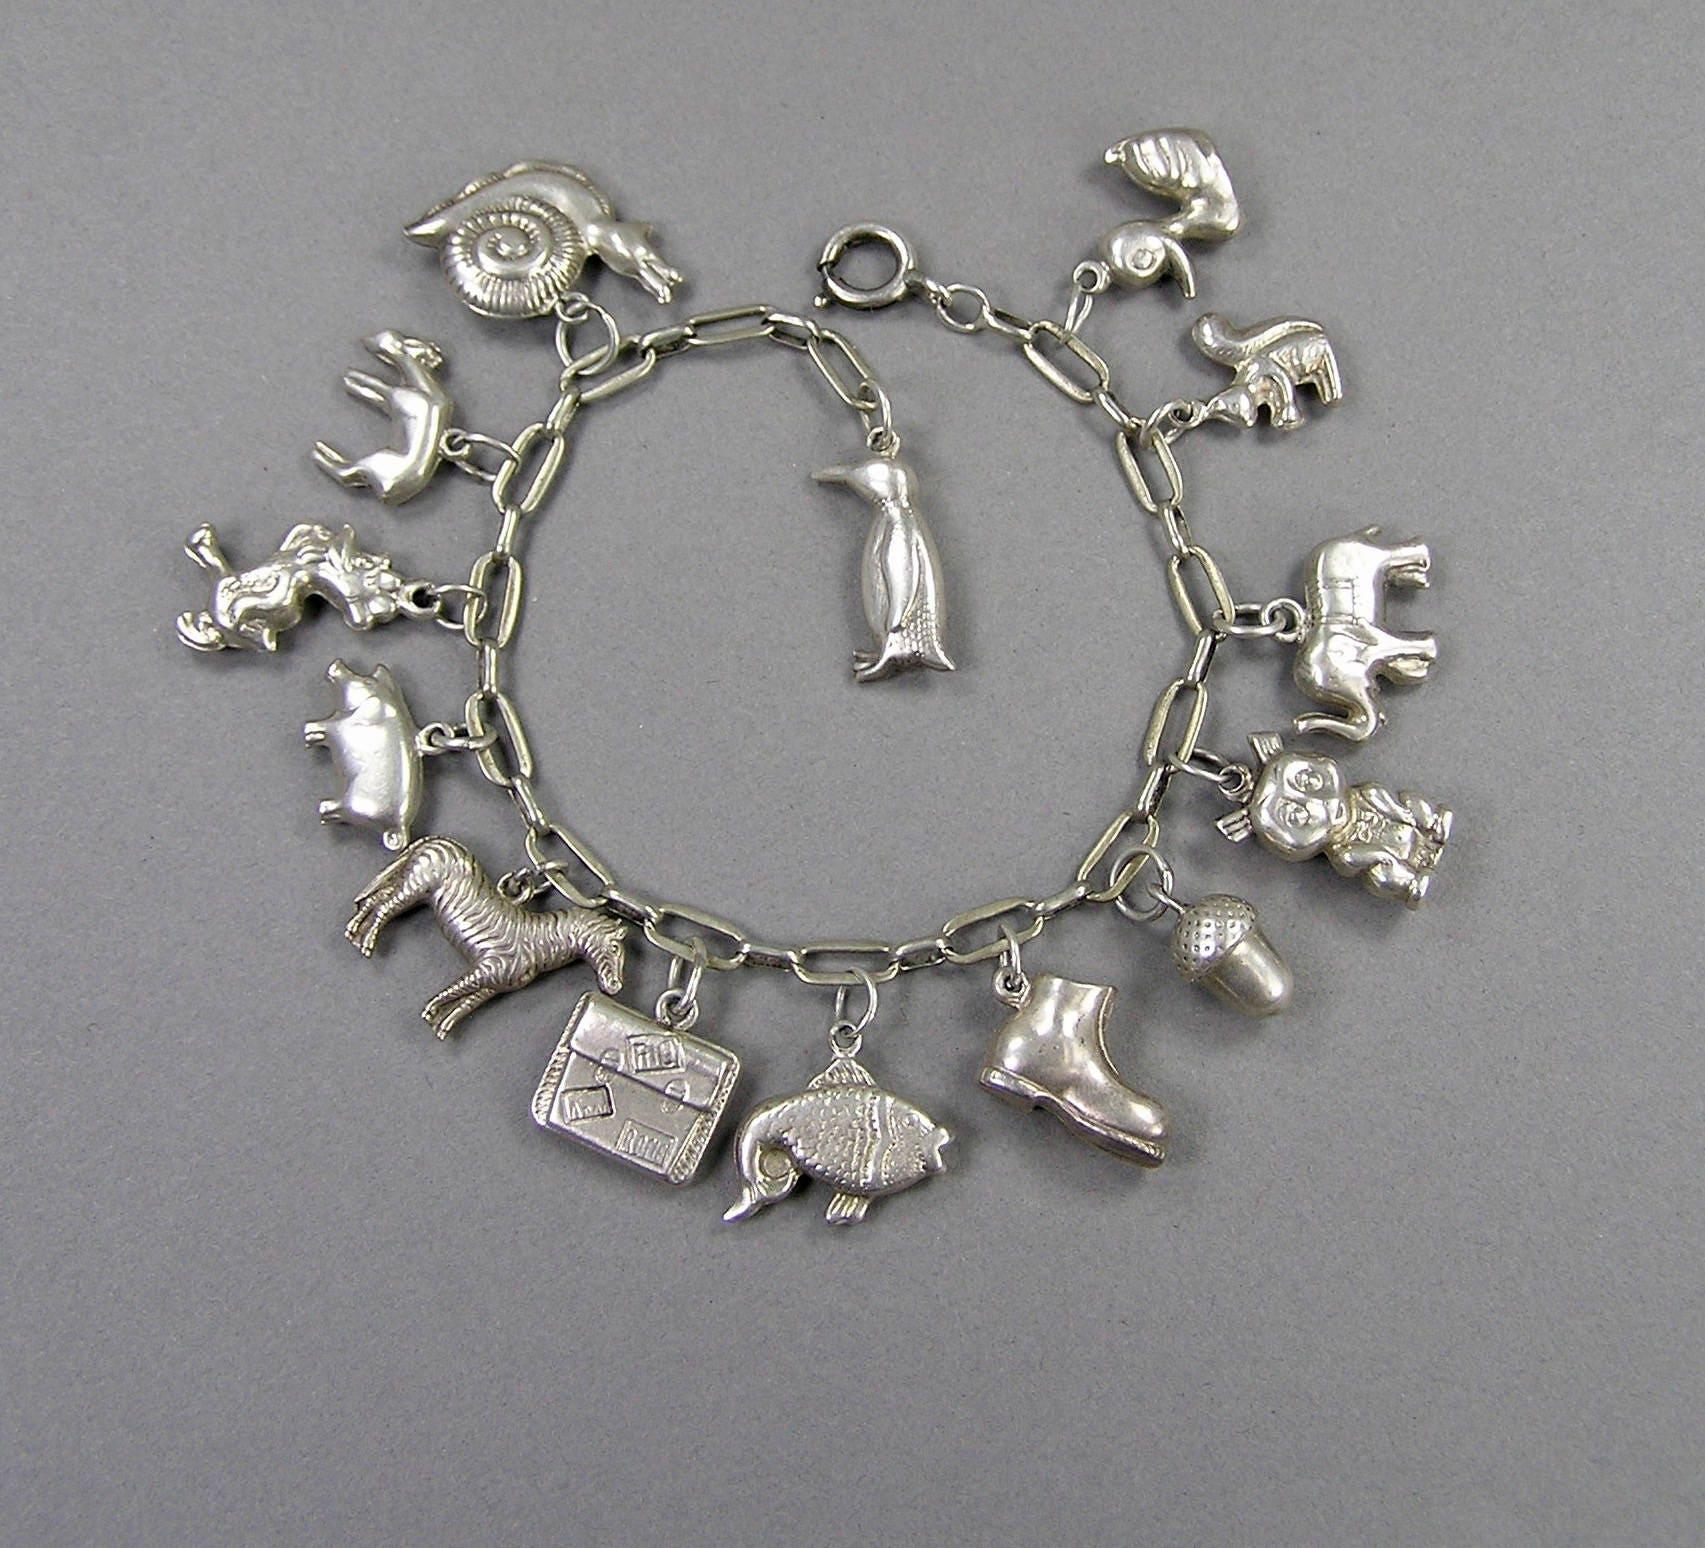 vintage   ; s bracelet, personnages avec max fleischer type de personnages bracelet, de dessins animés, animaux, acorn, valise, chaussure 2a8cd6